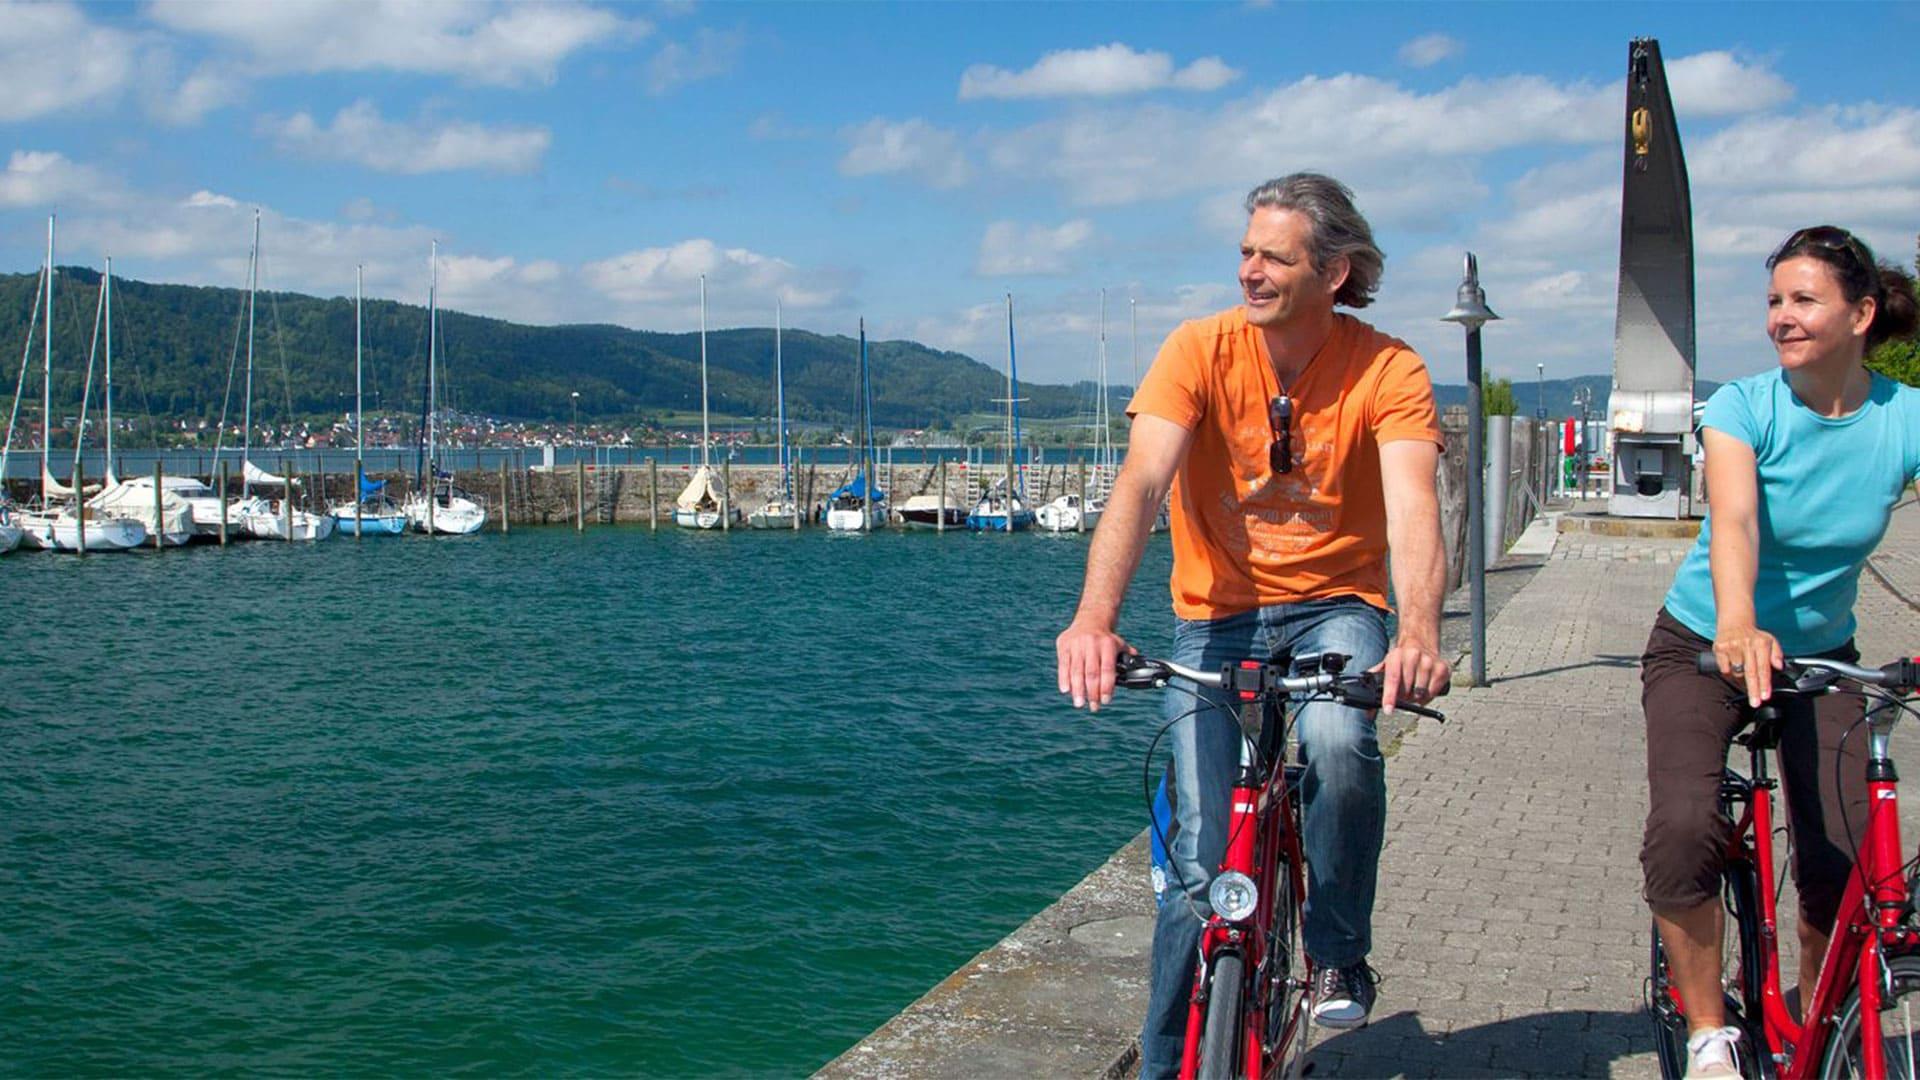 Image Tour du lac de Constance à vélo